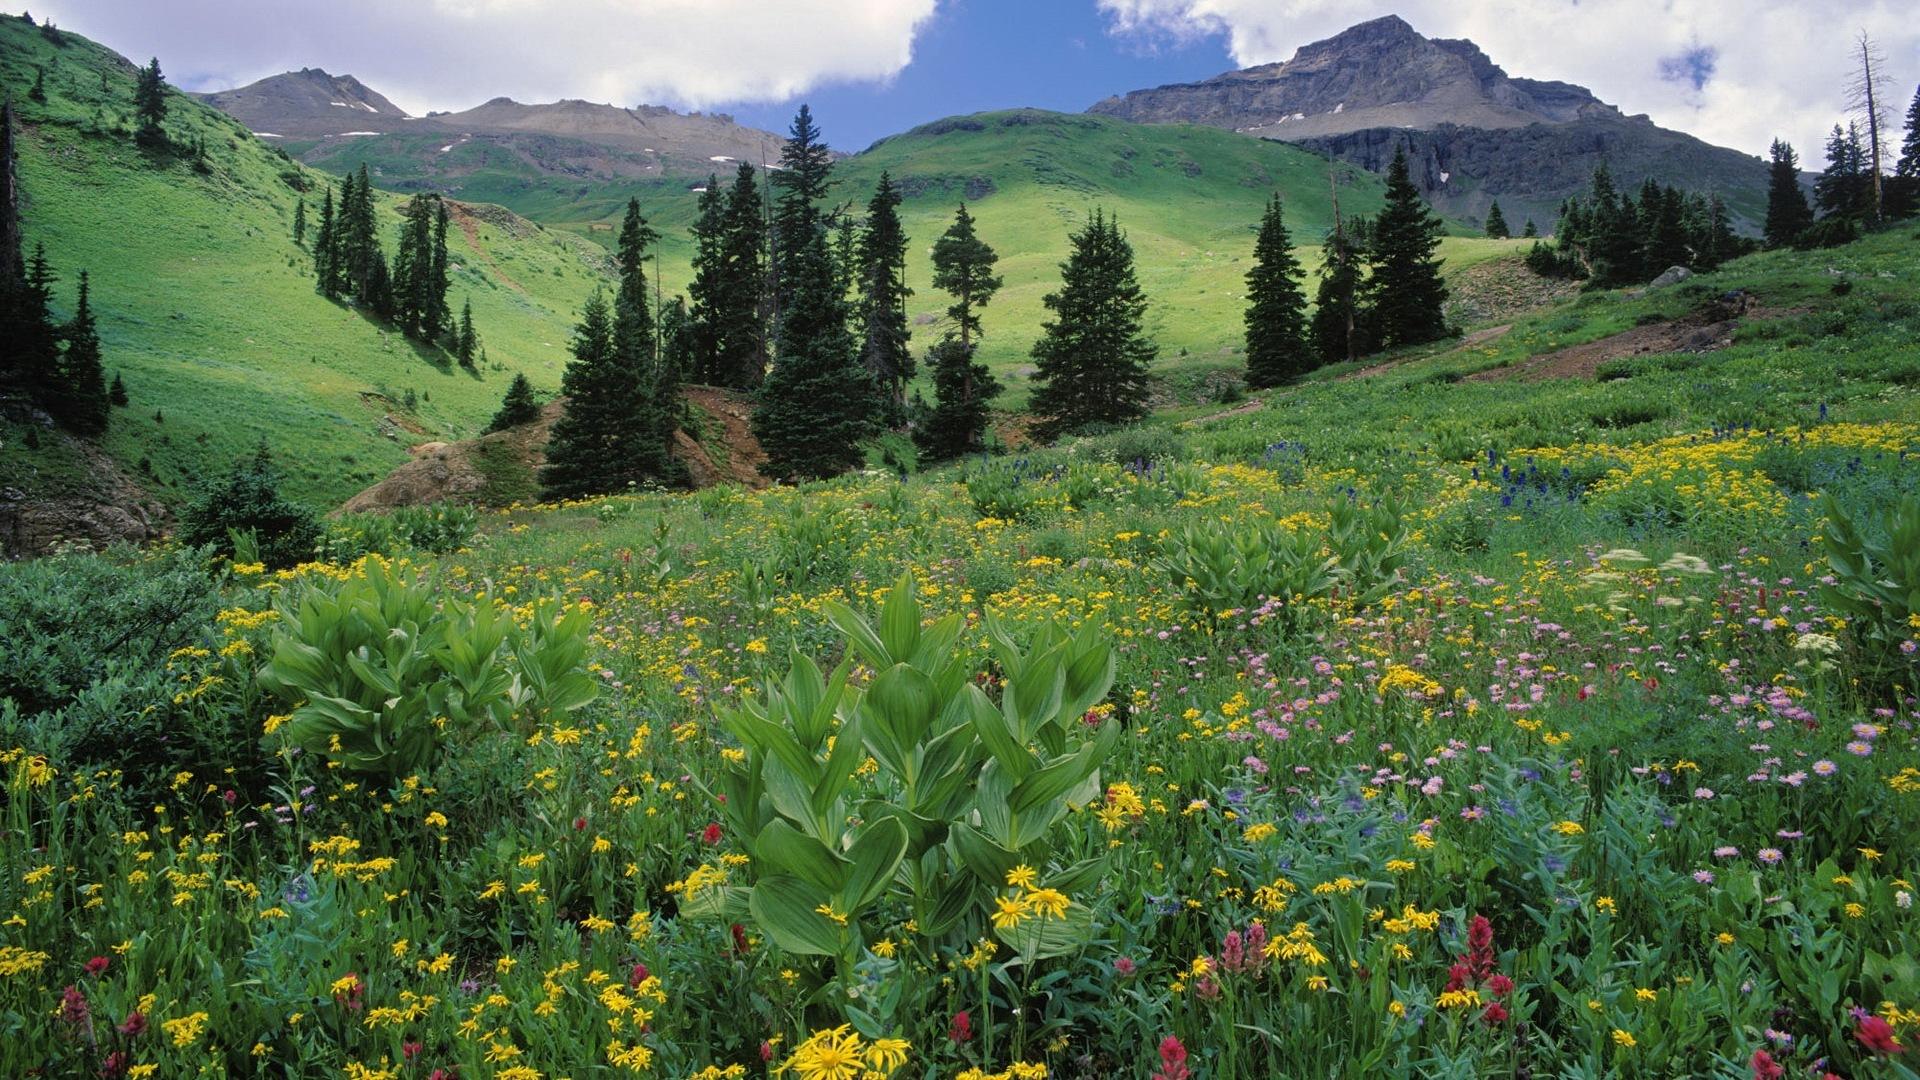 41251 скачать Зеленые обои на телефон бесплатно, Пейзаж, Цветы, Горы Зеленые картинки и заставки на мобильный